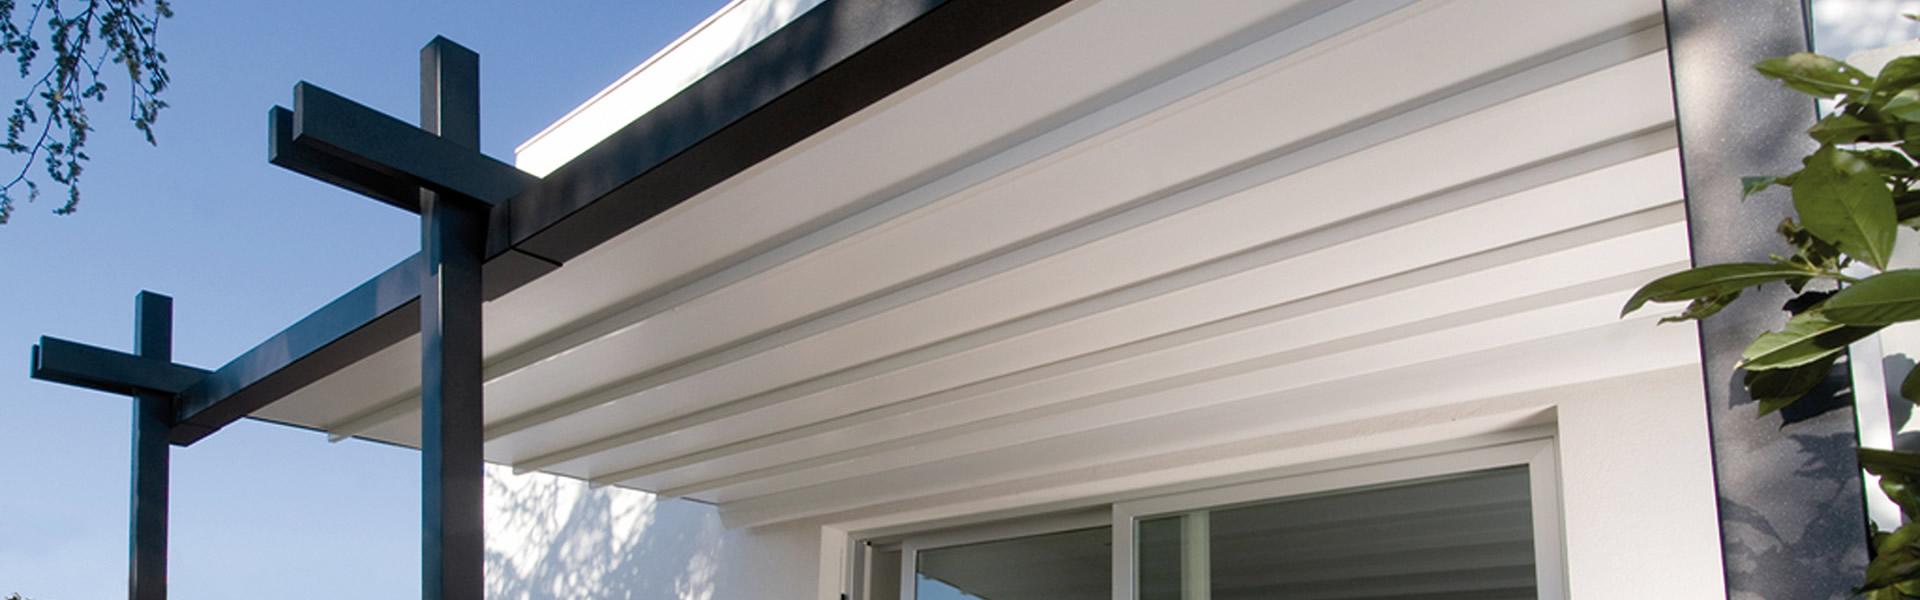 terrassen-ueberdachung-kosten